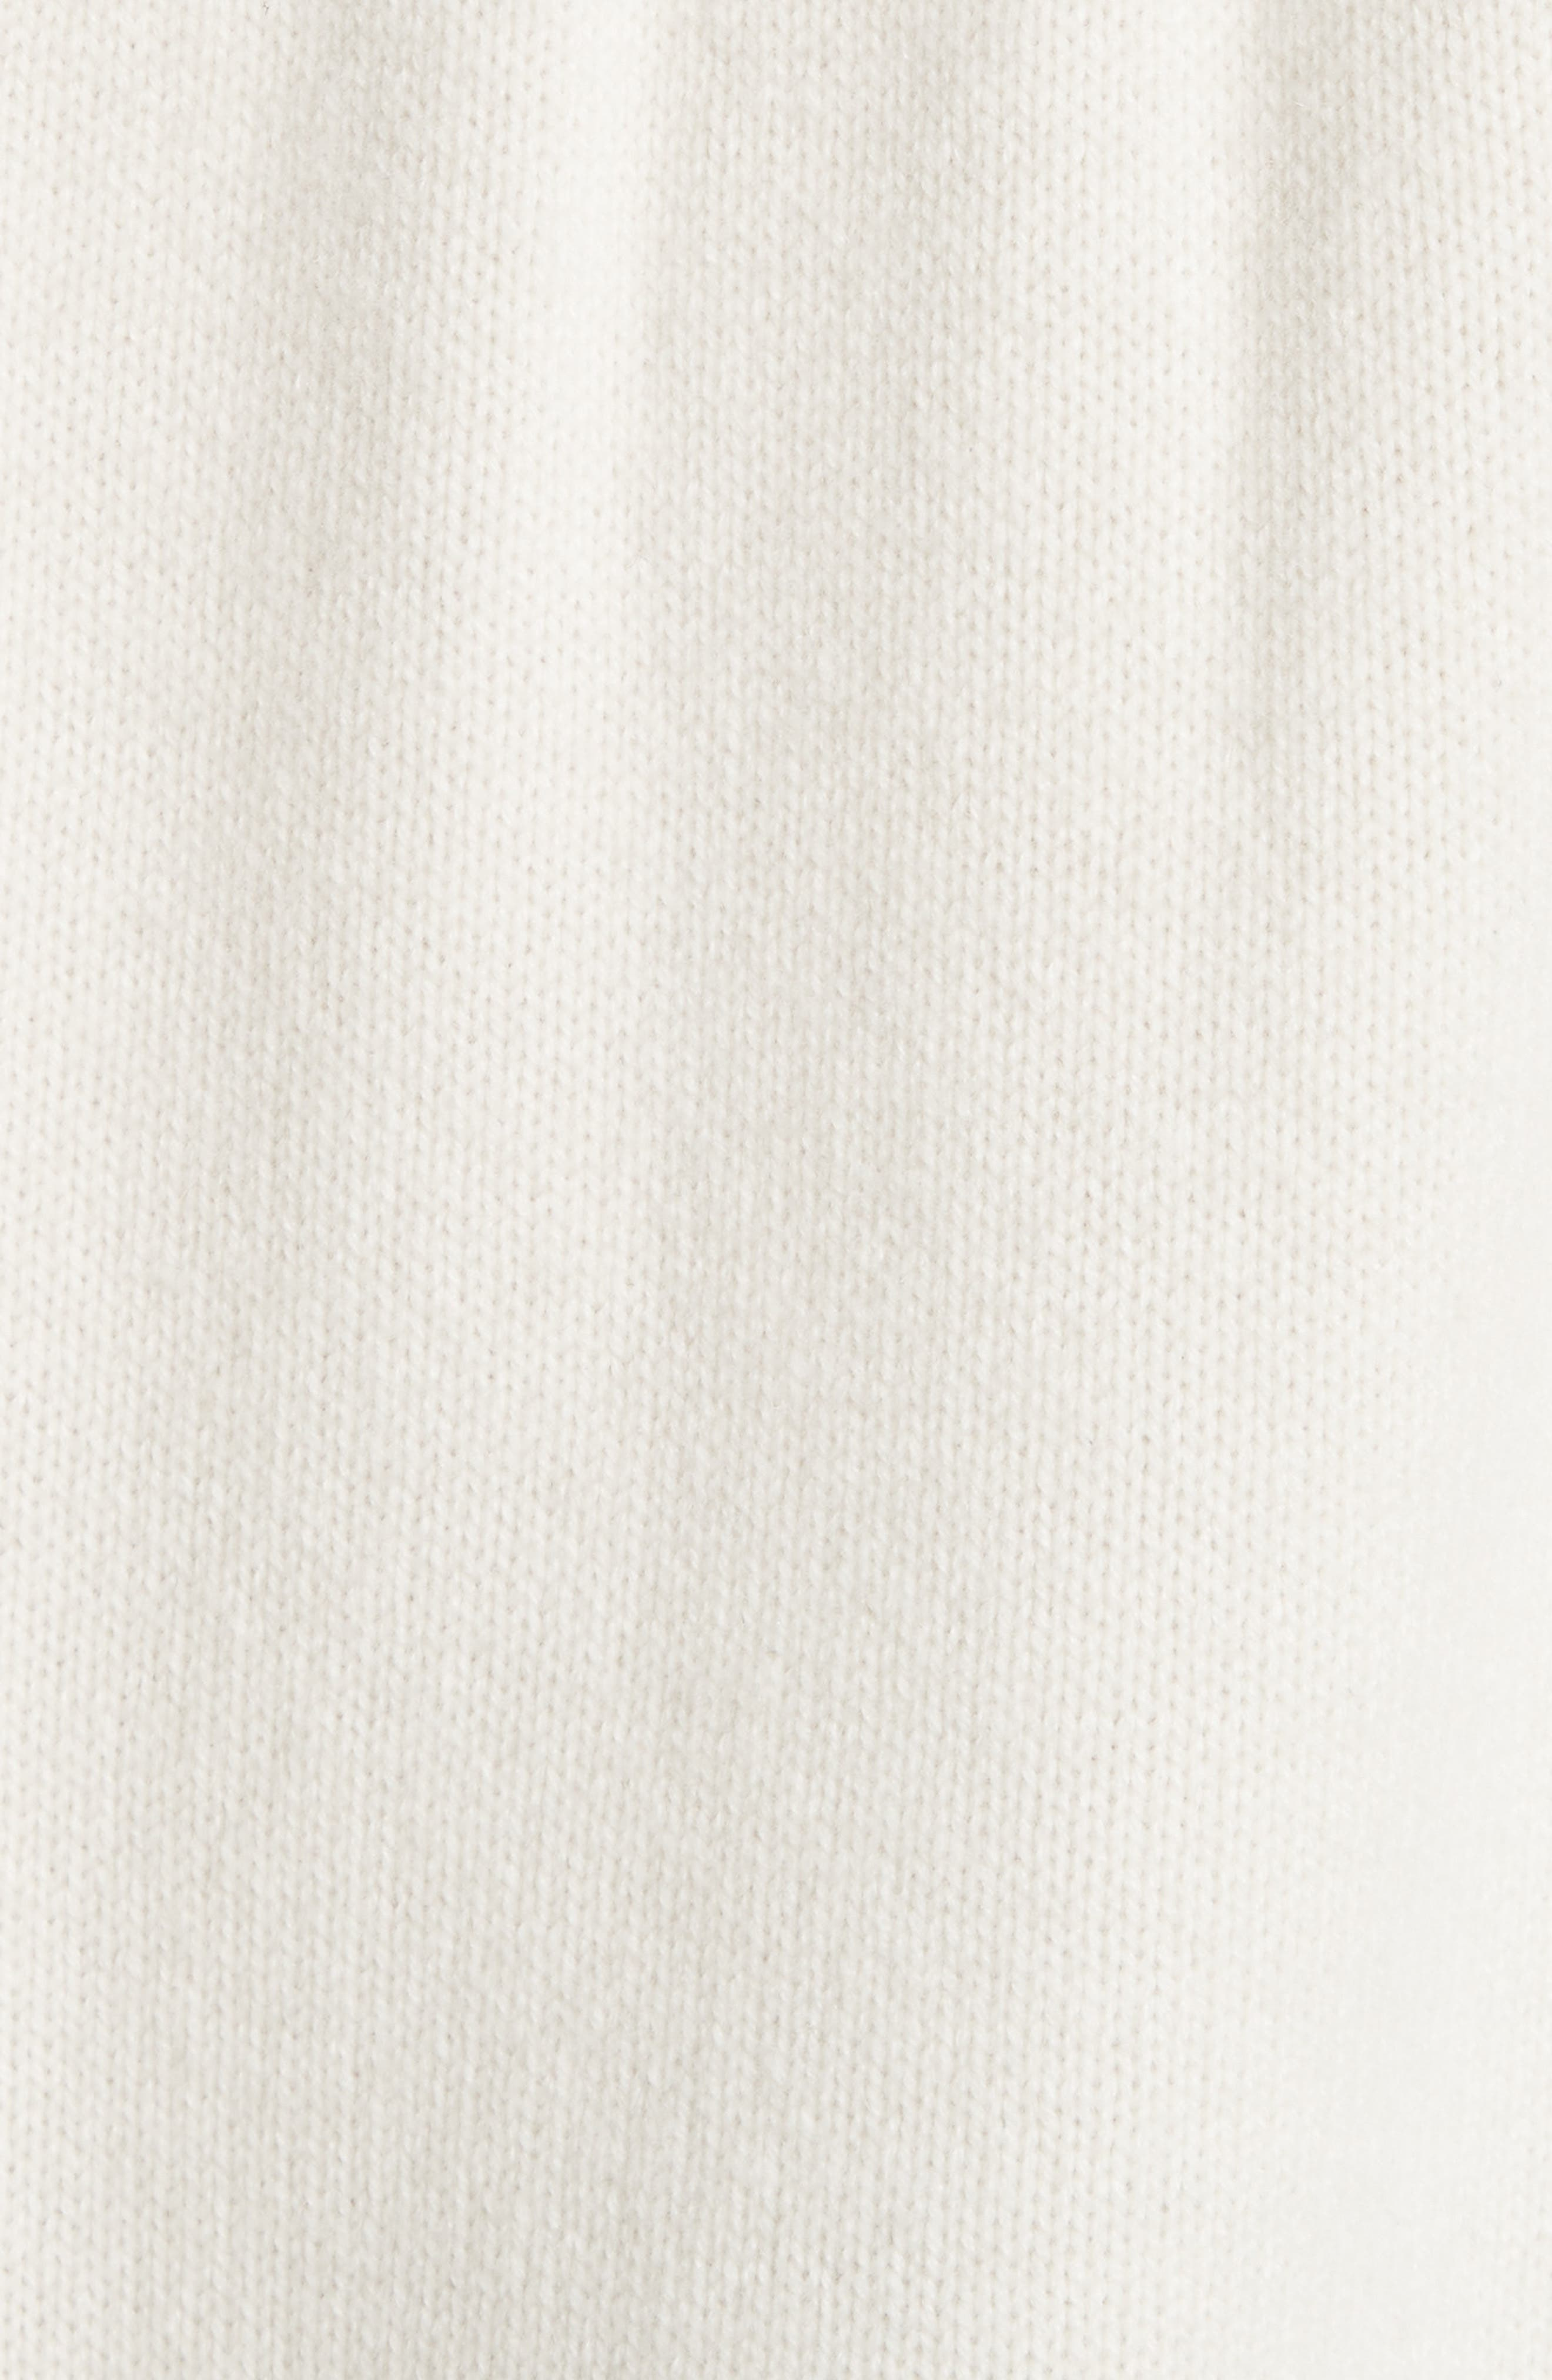 Rib Knit Cashmere Tunic Sweater,                             Alternate thumbnail 5, color,                             900